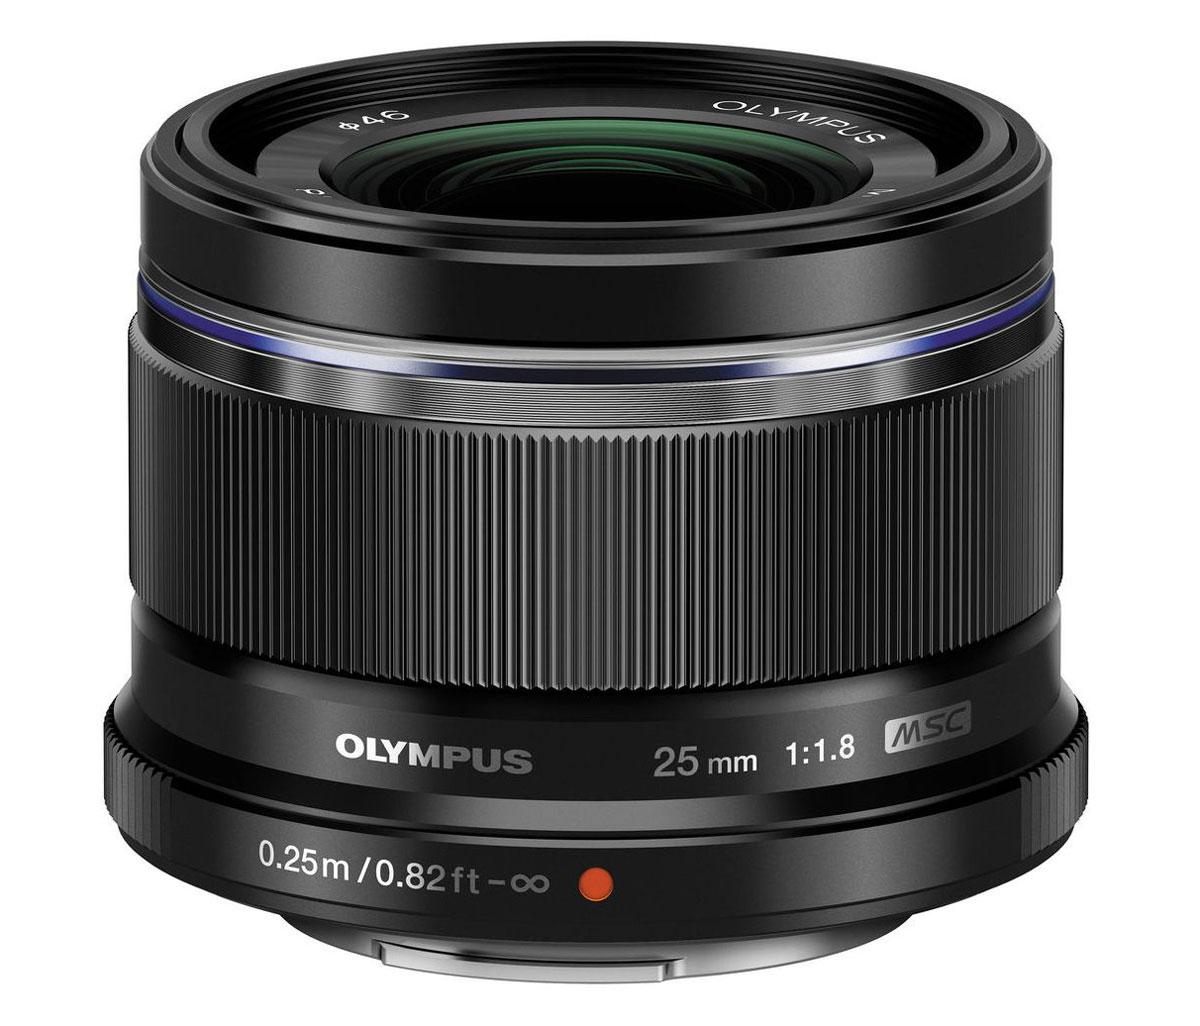 Olympus M.Zuiko Digital 25mm f/1.8, Black объективV311060BE000Объектив Olympus M.Zuiko Digital 25mm f/1.8 обладает отличными оптическими характеристиками: красивое боке на открытой диафрагме и фокусировка на близких объектах. Компактность и удивительная прочность Объектив обладает теми же характеристиками, что и знаменитый M.Zuiko Digital ED 45мм 1:1.8. Минимальная диафрагма 1:1.8 обеспечивает вам контроль над глубиной изображения и возможность снимать при недостаточном освещении, что дополняется фирменной системой стабилизации Olympus, которая противодействует вибрациям камеры и обеспечивает резкие изображения даже на длинных выдержках. Объектив можно использовать во множестве ситуаций, его стандартное фокусное расстояние воспроизводит такой охват сцены, который характерен для человеческого зрения, и обеспечивает естественные пропорции. Он станет прекрасным дополнением к китовому объективу. Особенности: Сменное декоративное кольцо Высокоскоростной автофокус с технологией MSC ...